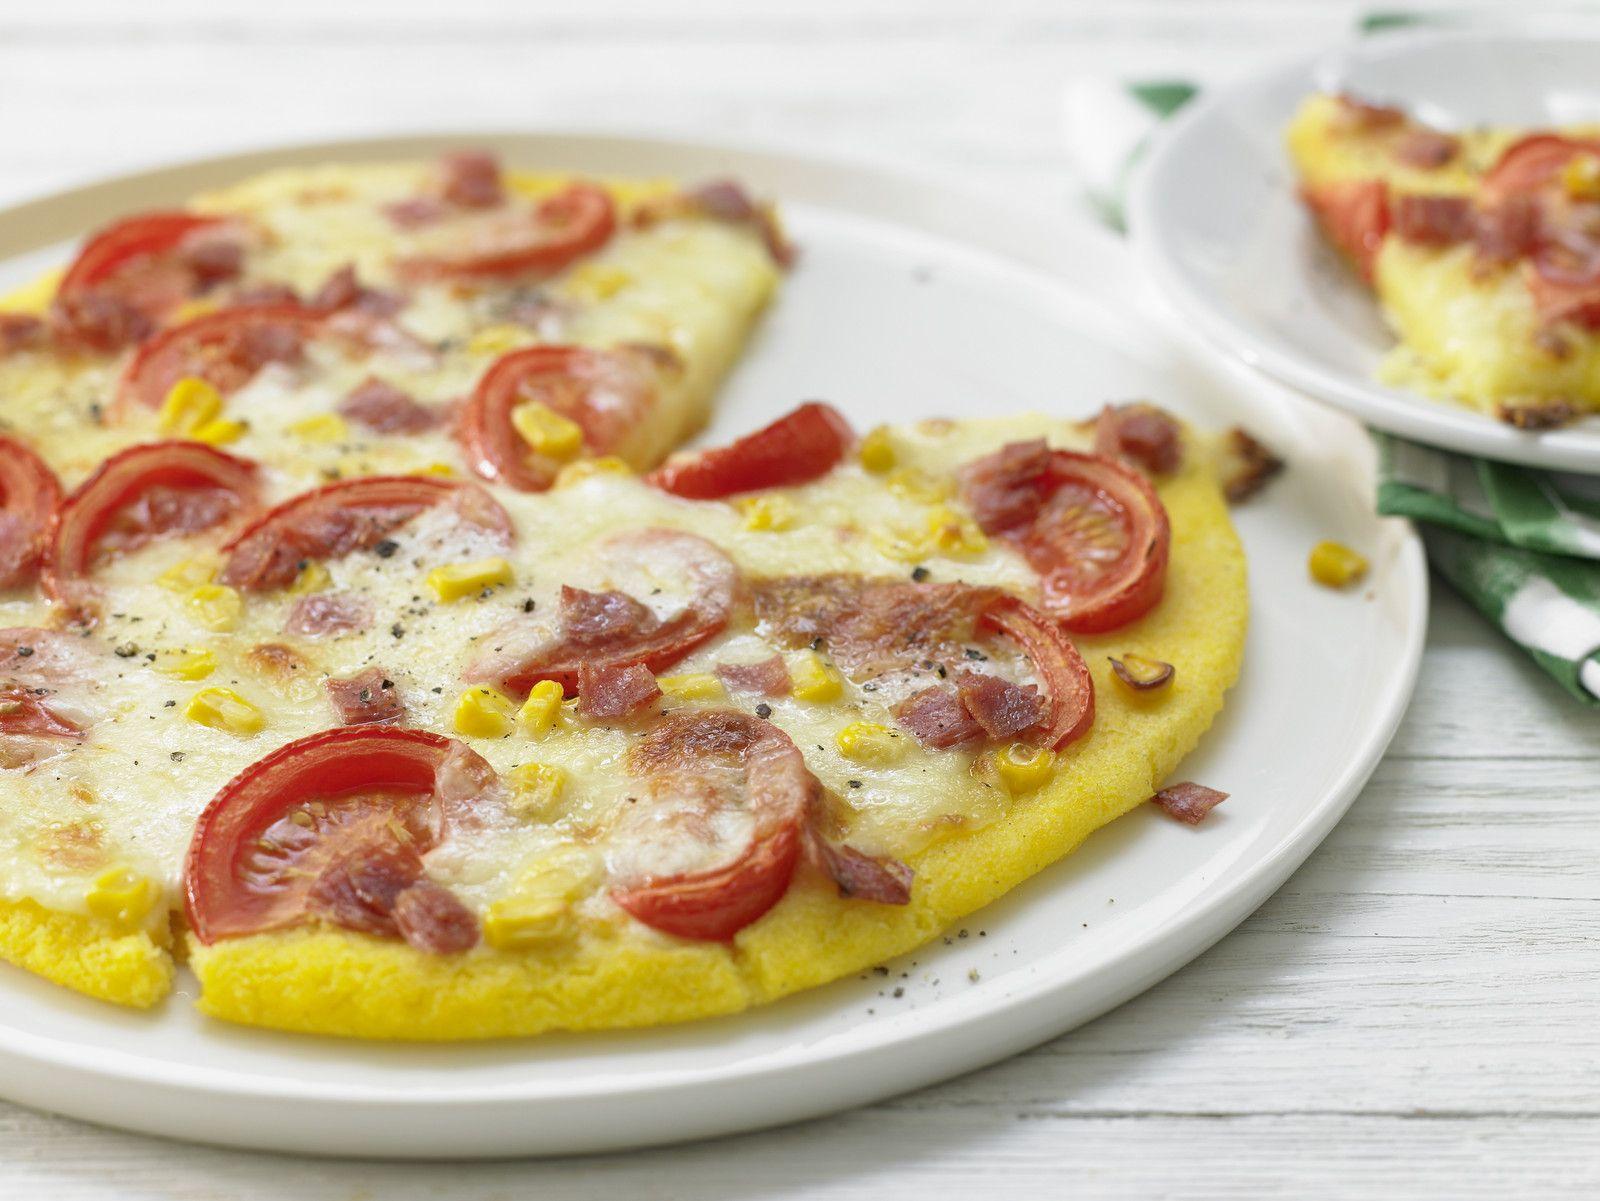 Der saftige goldgelbe Maisteig macht dem klassischen Pizzaboden echte Konkurrenz! Polenta-Pizza - Für 1 Erw. und 1 Kind (1–6 Jahre) - smarter - Kalorien: 445 Kcal - Zeit: 25 Min.   eatsmarter.de